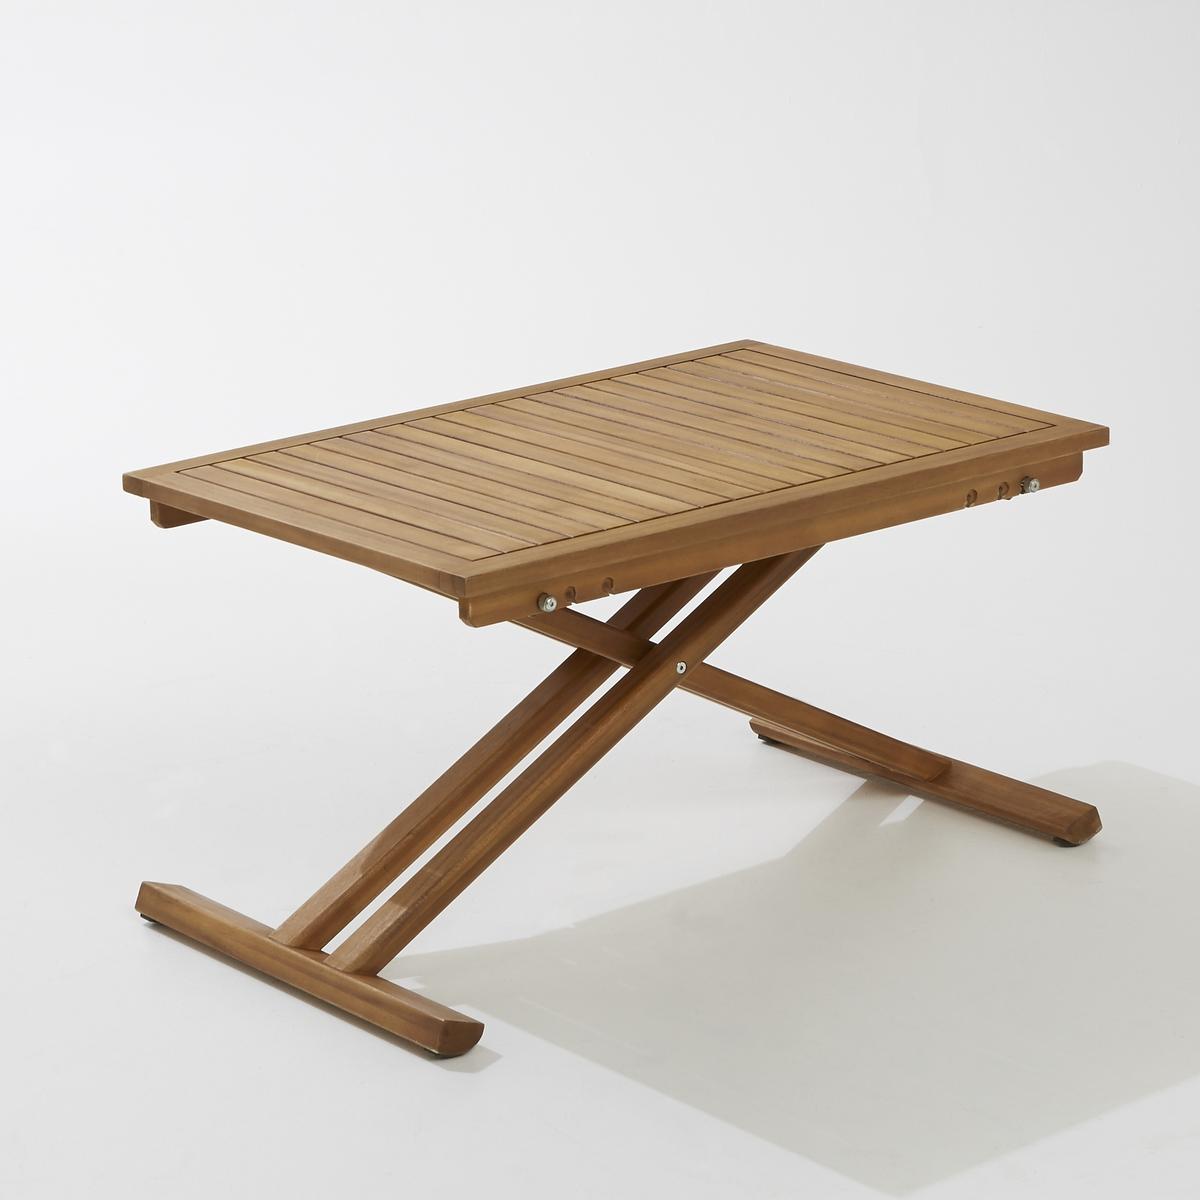 Стол садовый складной из акации, TekoЭтот стол идеально подходит для размещения в саду! Простой и практичный, он удобен в любой ситуации. Складная конструкция позволяет выбрать одно из 3 возможных положений регулировки.Описание складного садового стола Teko:складная конструкция и регулировка положения (3 варианта).Характеристики складного садового стола Teko:Рассчитан на 4 персоны.Прямоугольная форма.Выполнен из древесины акации (происхождение древесины контролируется).Тонировка тиковое дерево.Возможность регулировки, 3 положения высоты.Размеры складного садового стола Teko:Длина: 90 см.Ширина: 60 см.Высота: 50/63/75 см.Размеры и вес коробки:1 коробкаД. 99 x В. 14 x Г. 62,5 см, 11,5 кгДоставка:Данная модель стола требует самостоятельной сборки. Доставка осуществляется до квартиры!Внимание! Внимание! Убедитесь в том, что посылку возможно доставить на дом, учитывая ее габариты (двери, лестницы, лифты)..<br><br>Цвет: акация